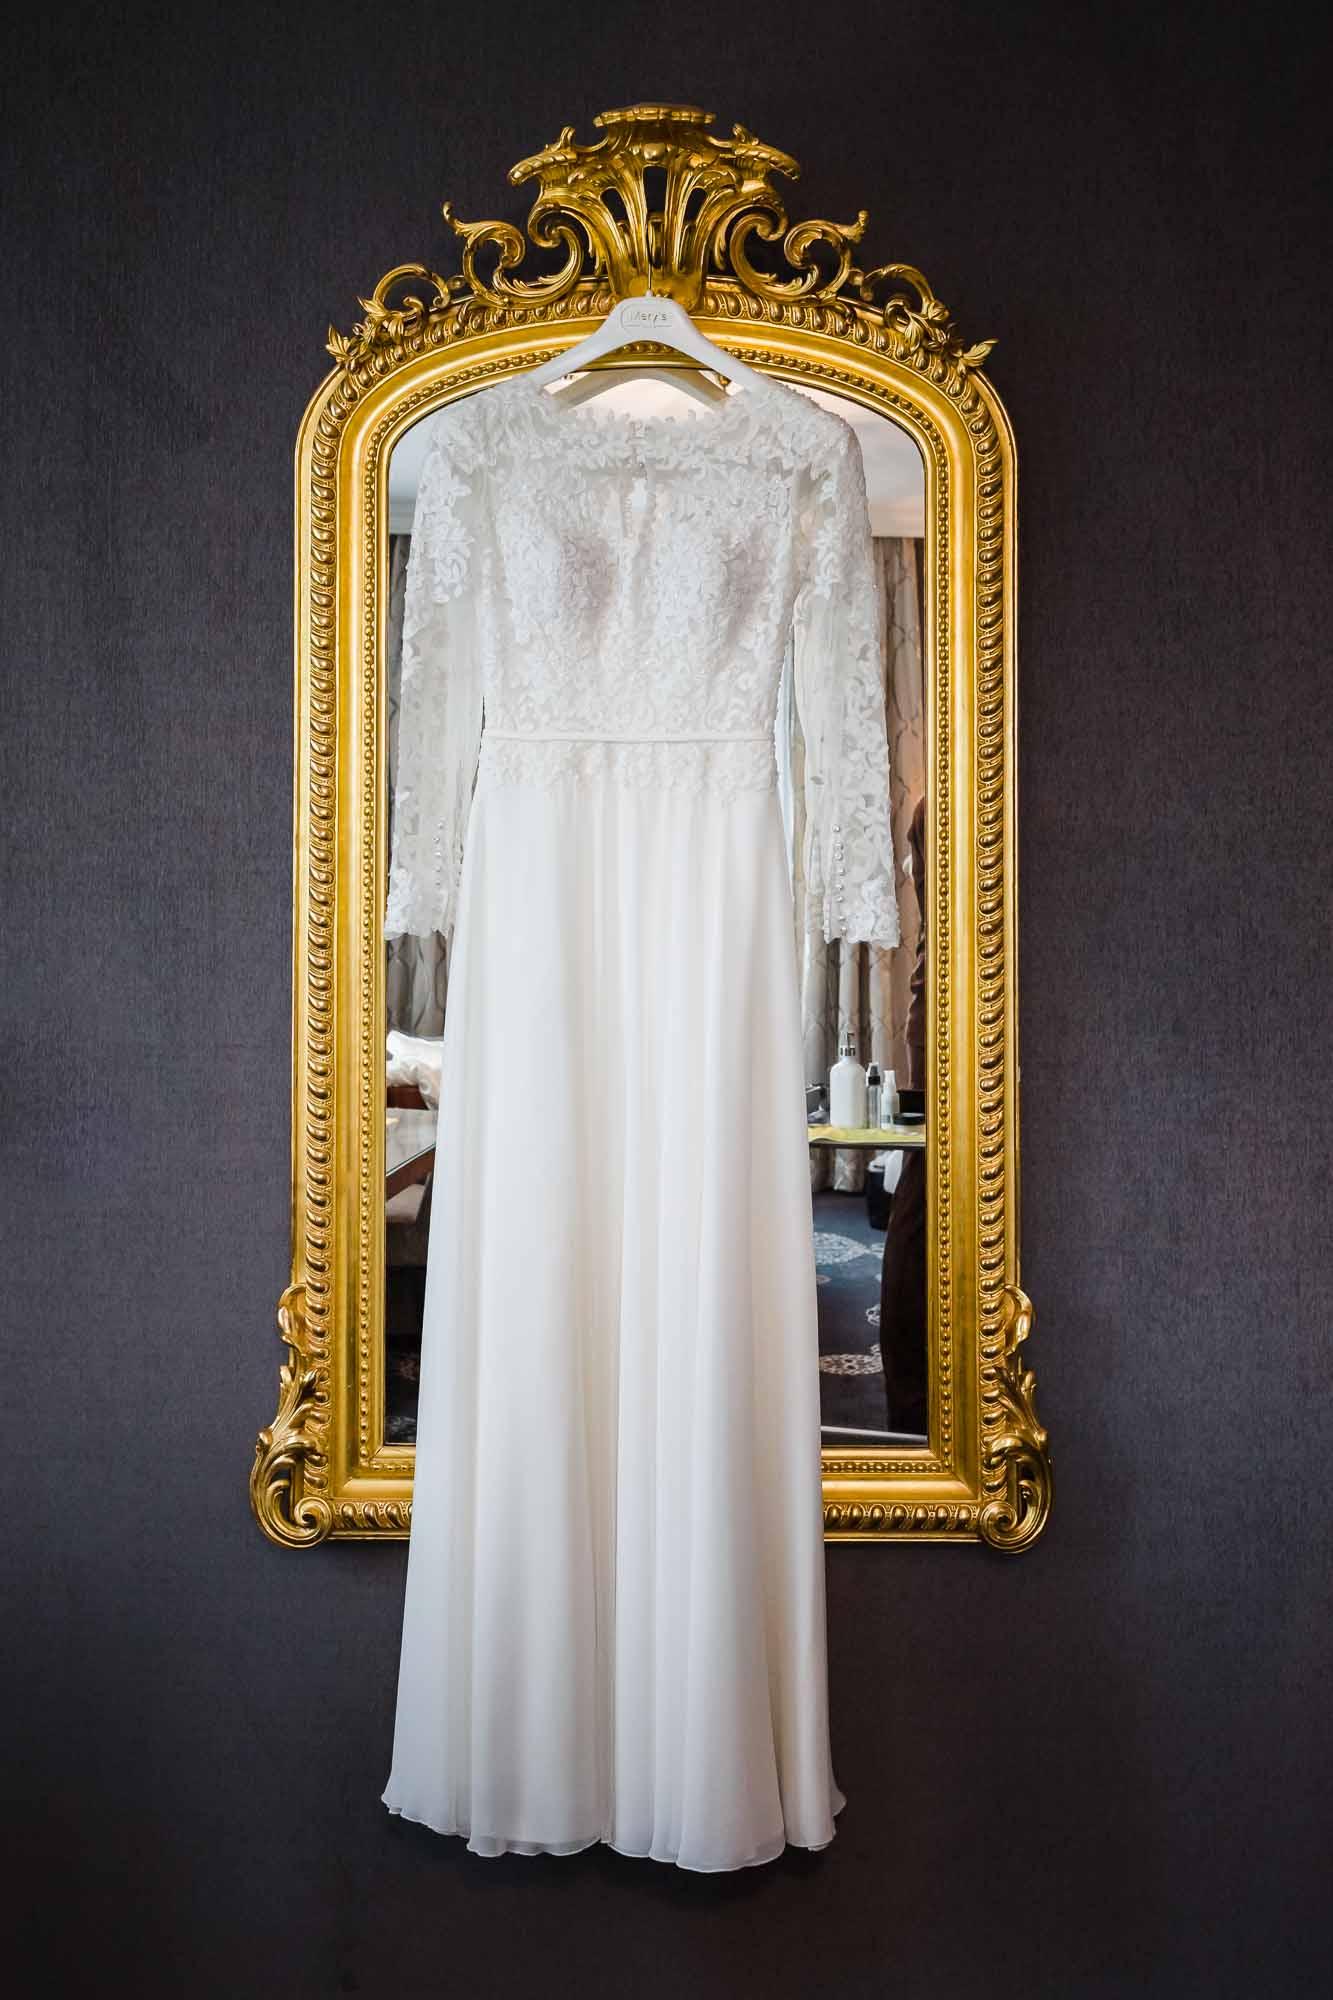 Hochzeitsbilder Luzern. Brautkleid hängt vor goldenem Spiegel im Schweizerhof